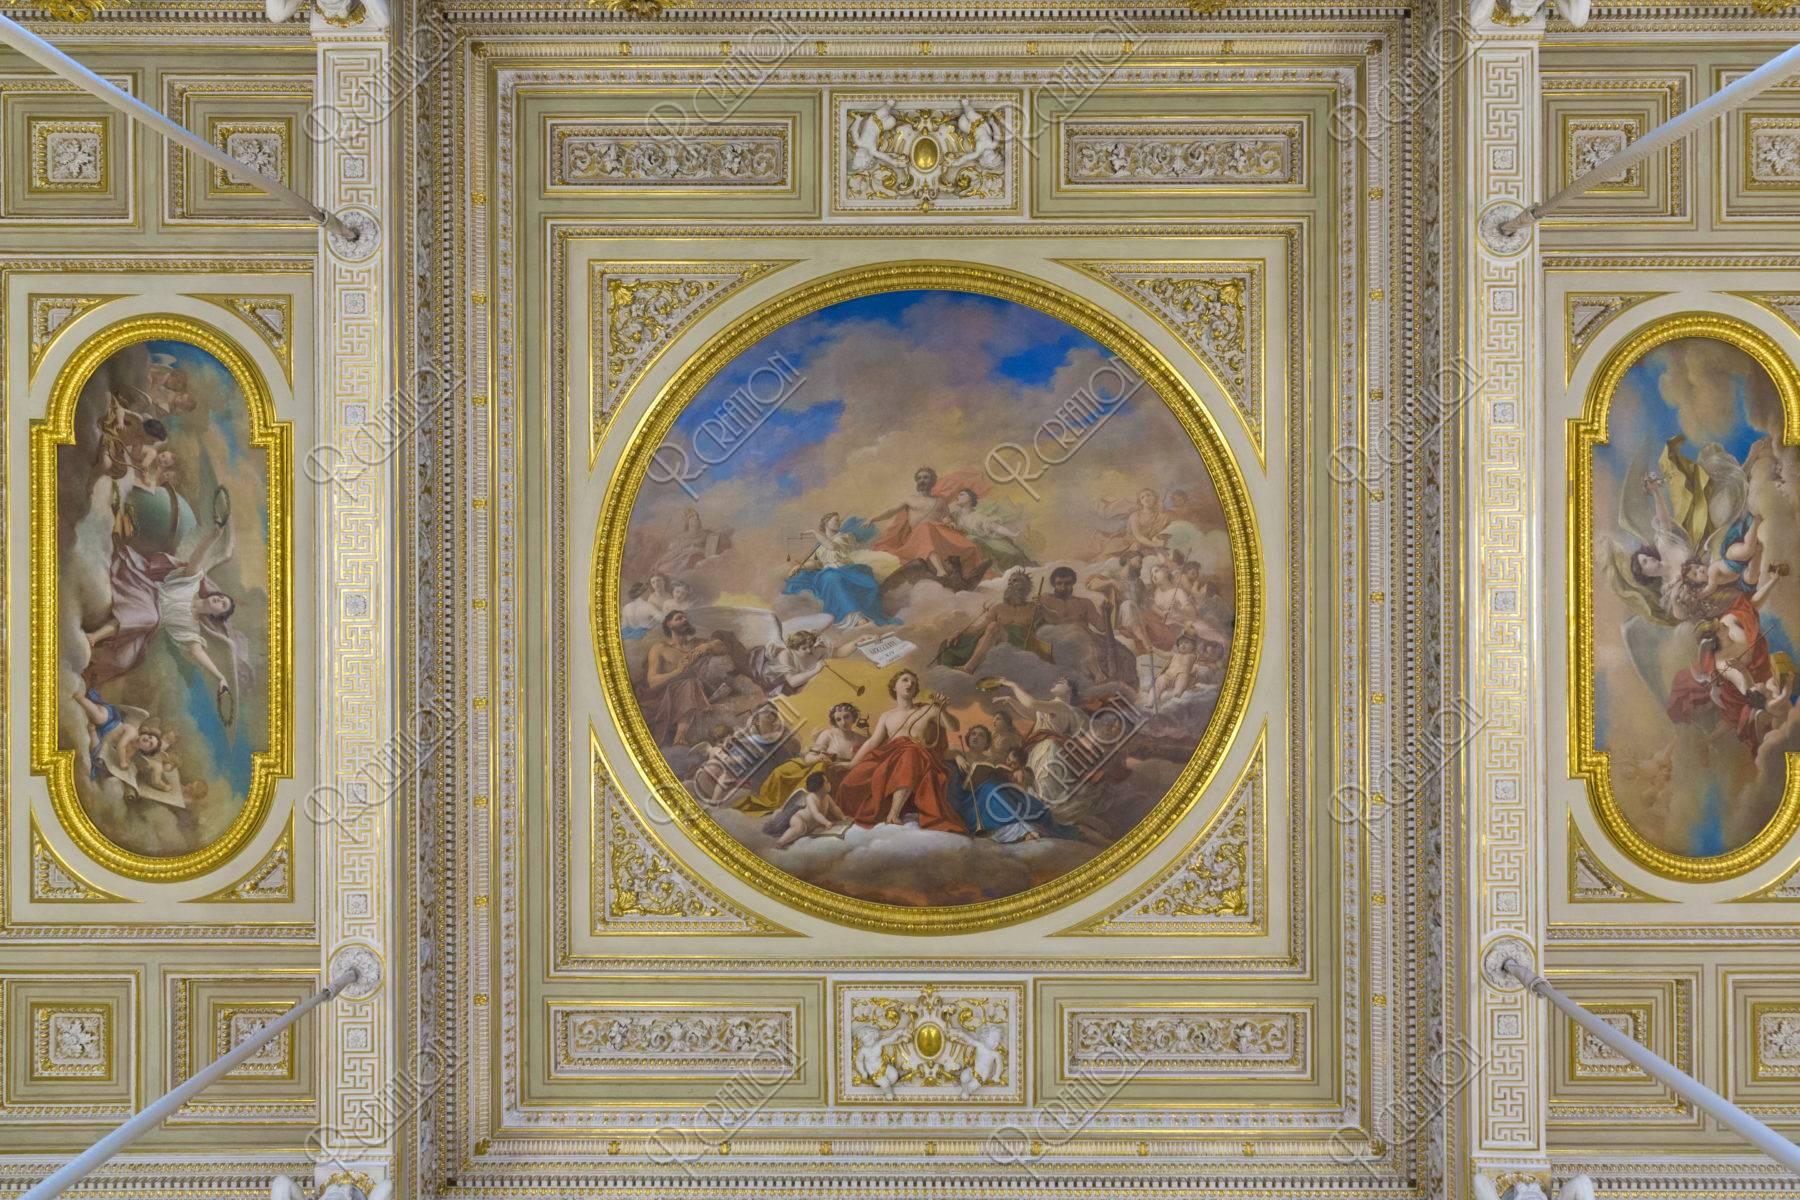 エルミタージュ美術館 天井画